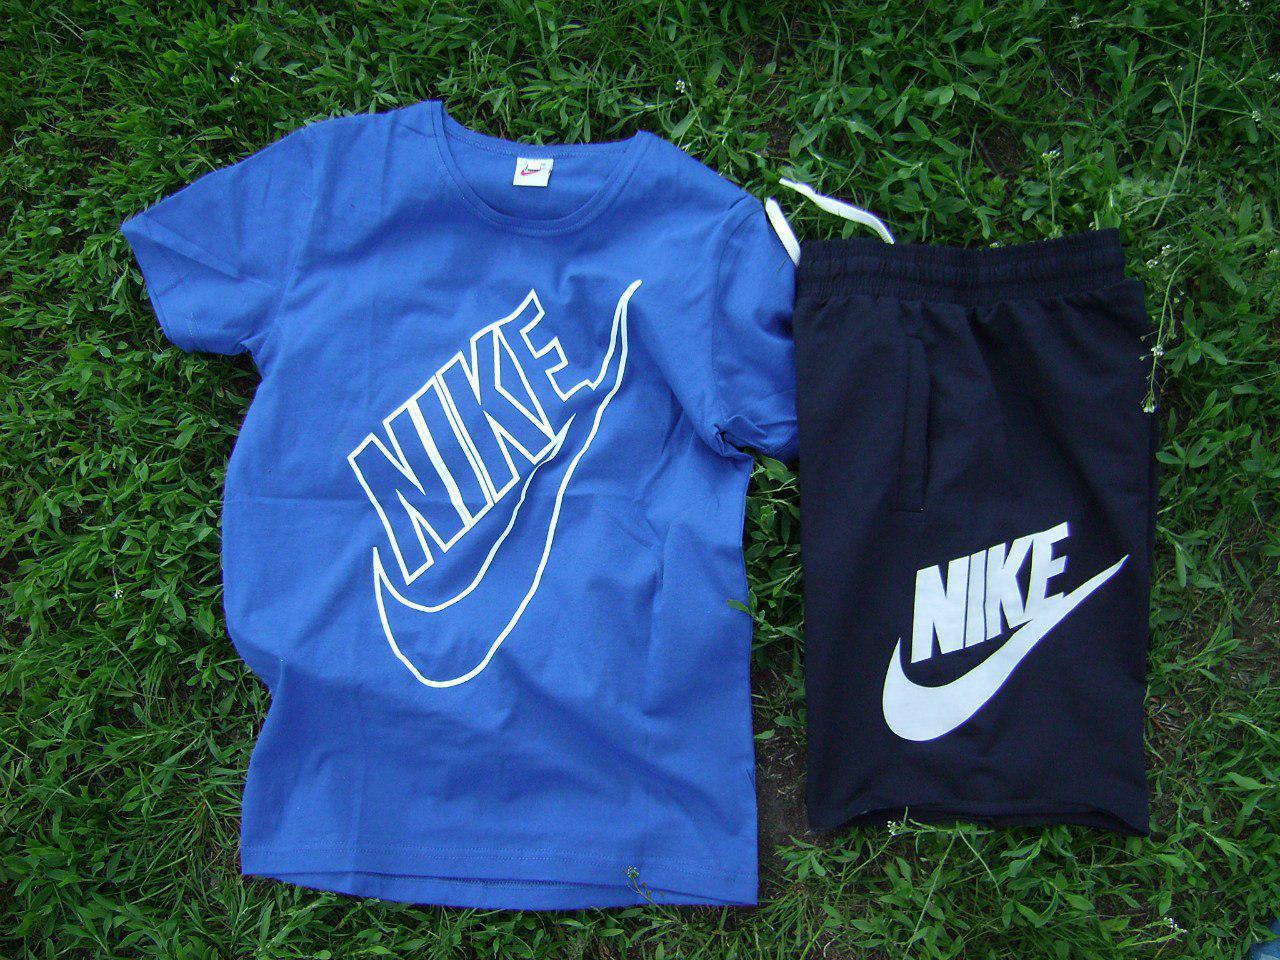 Мужской комплект футболка + шорты Nike синего и черного цвета (люкс копия)